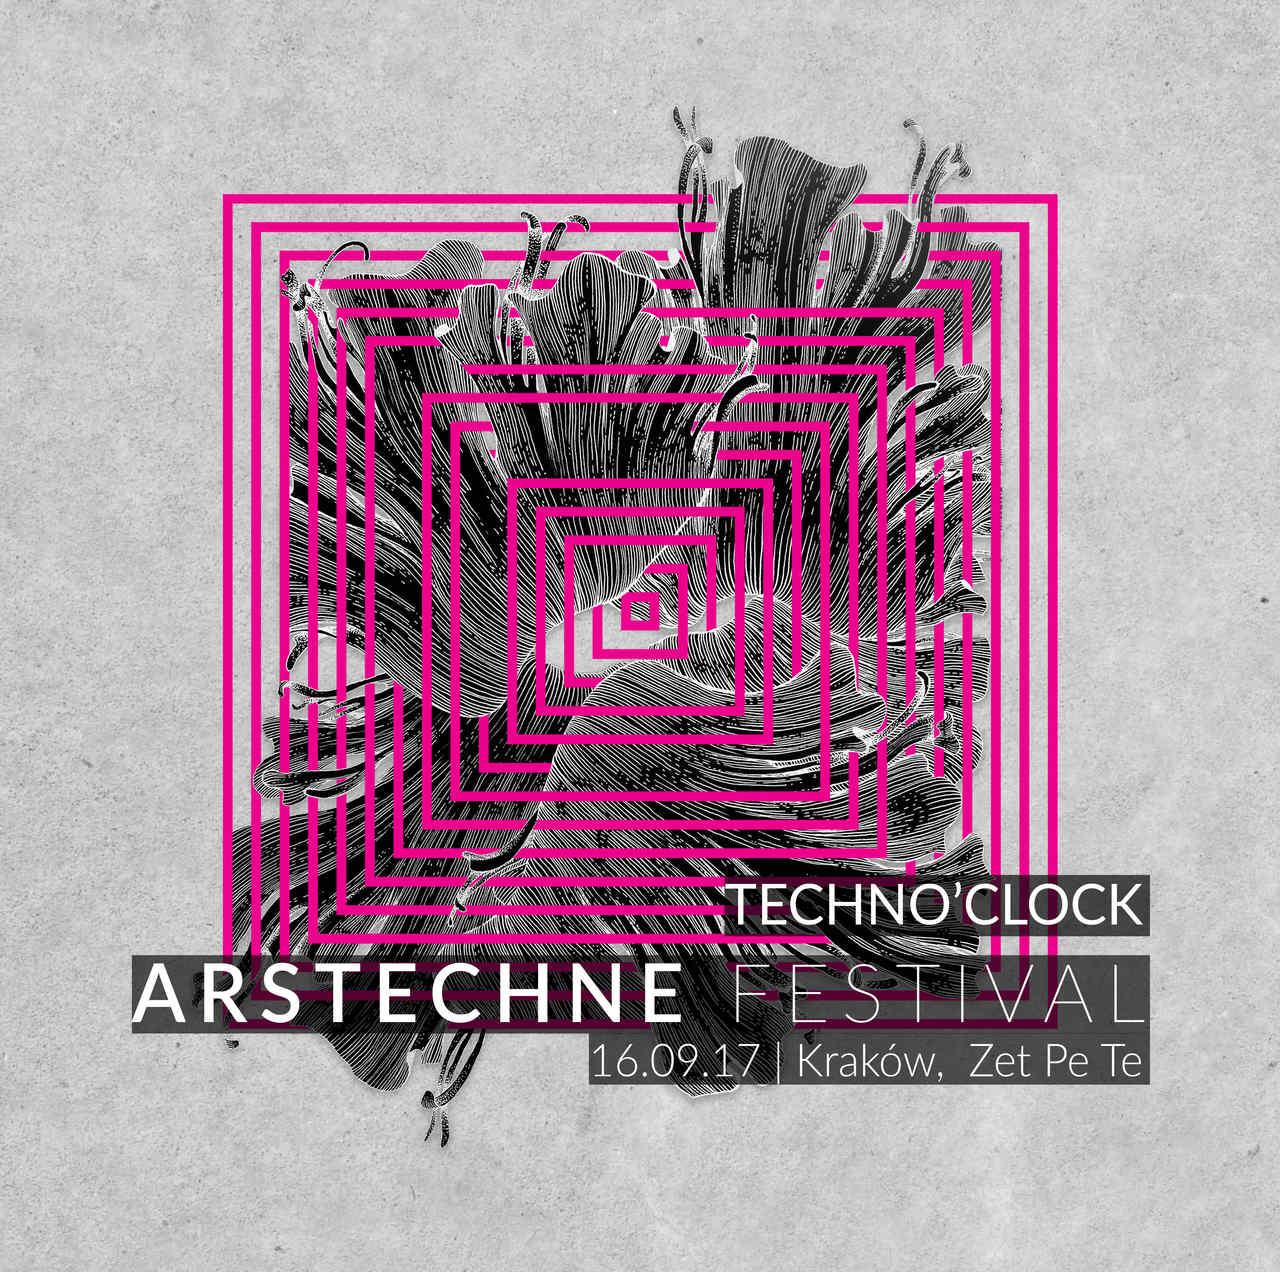 ArsTechne Festival (źródło: materiały prasowe organizatora)